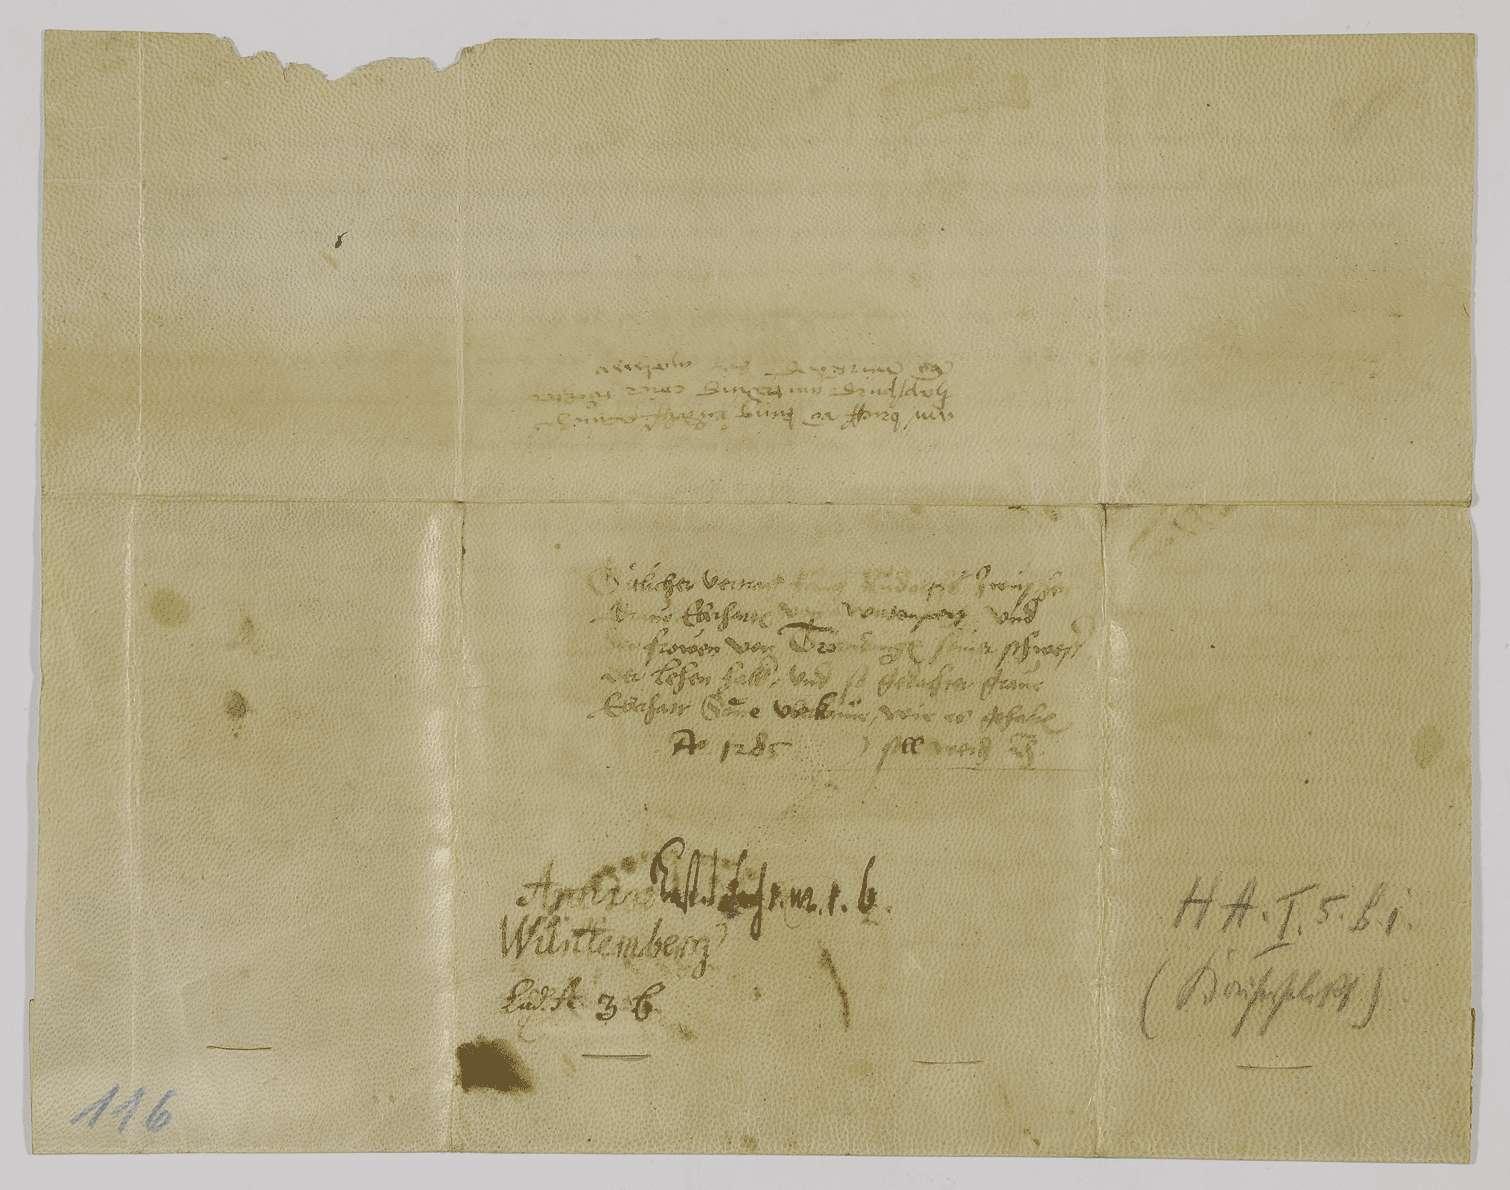 König Rudolf schlichtet den Streit zwischen Graf Eberhard von Württemberg und dessen Schwester, der Frau von Truhendingen., Bild 2